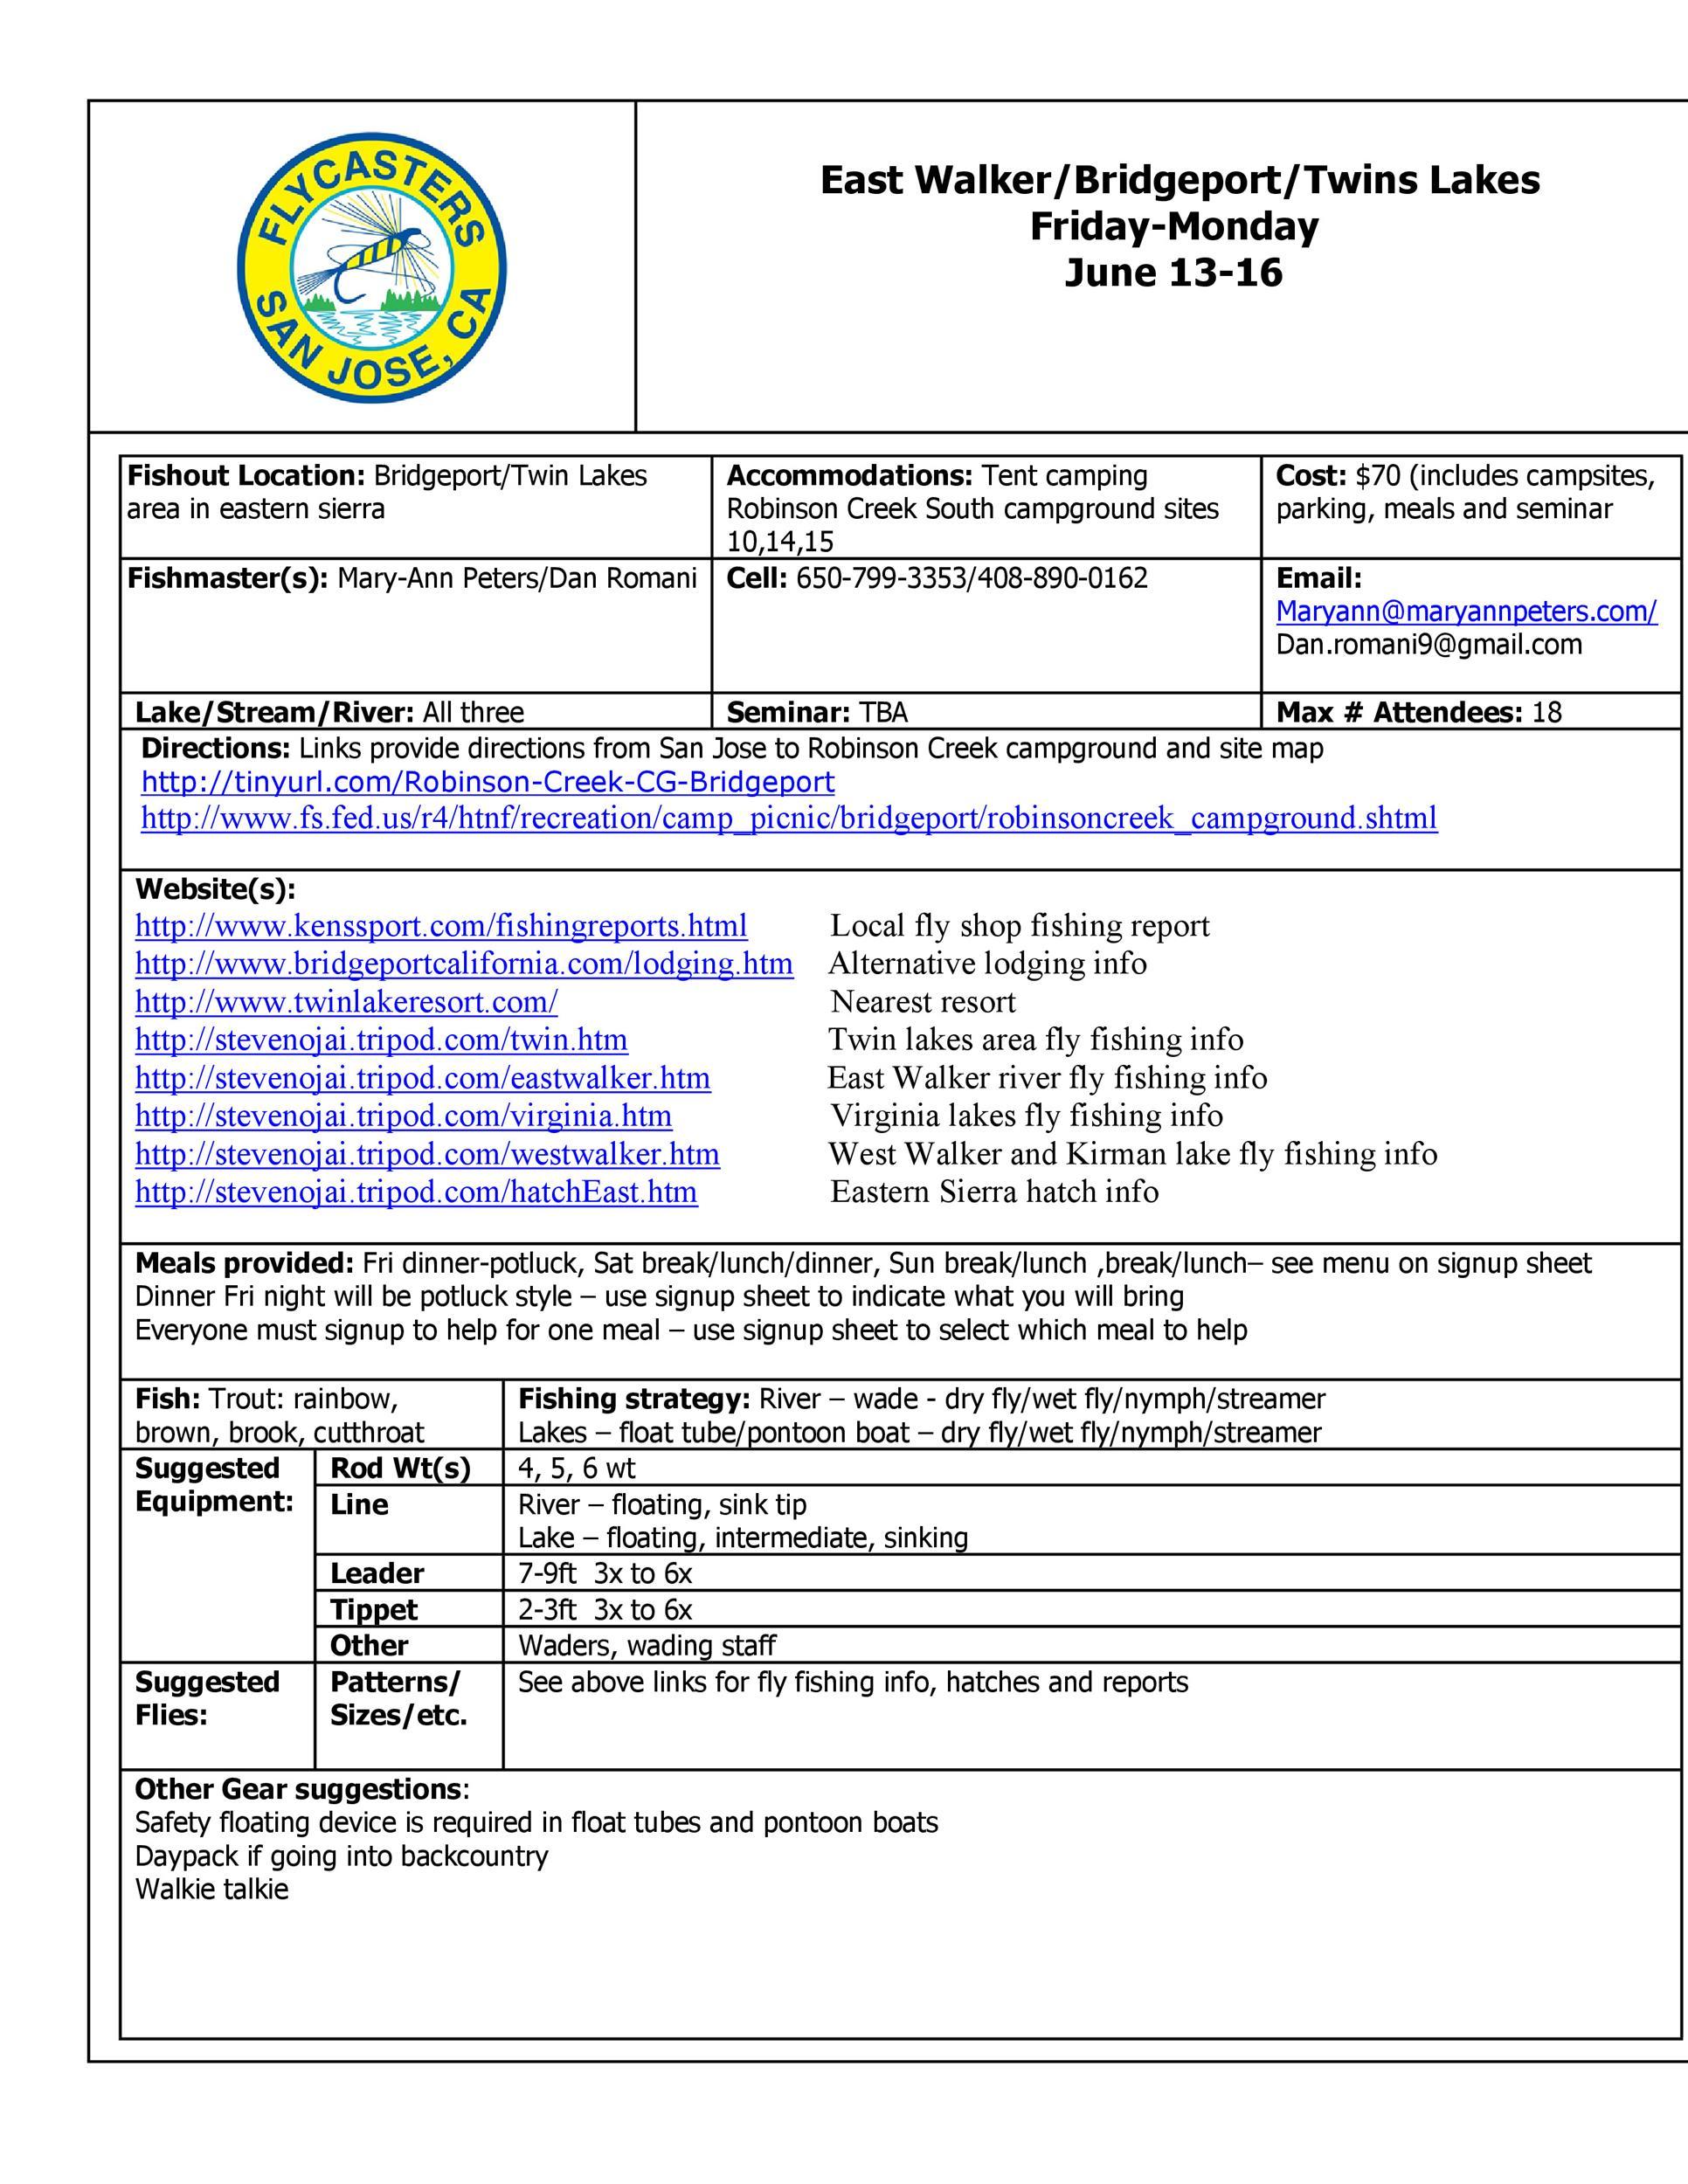 Free potluck sign up sheet 19